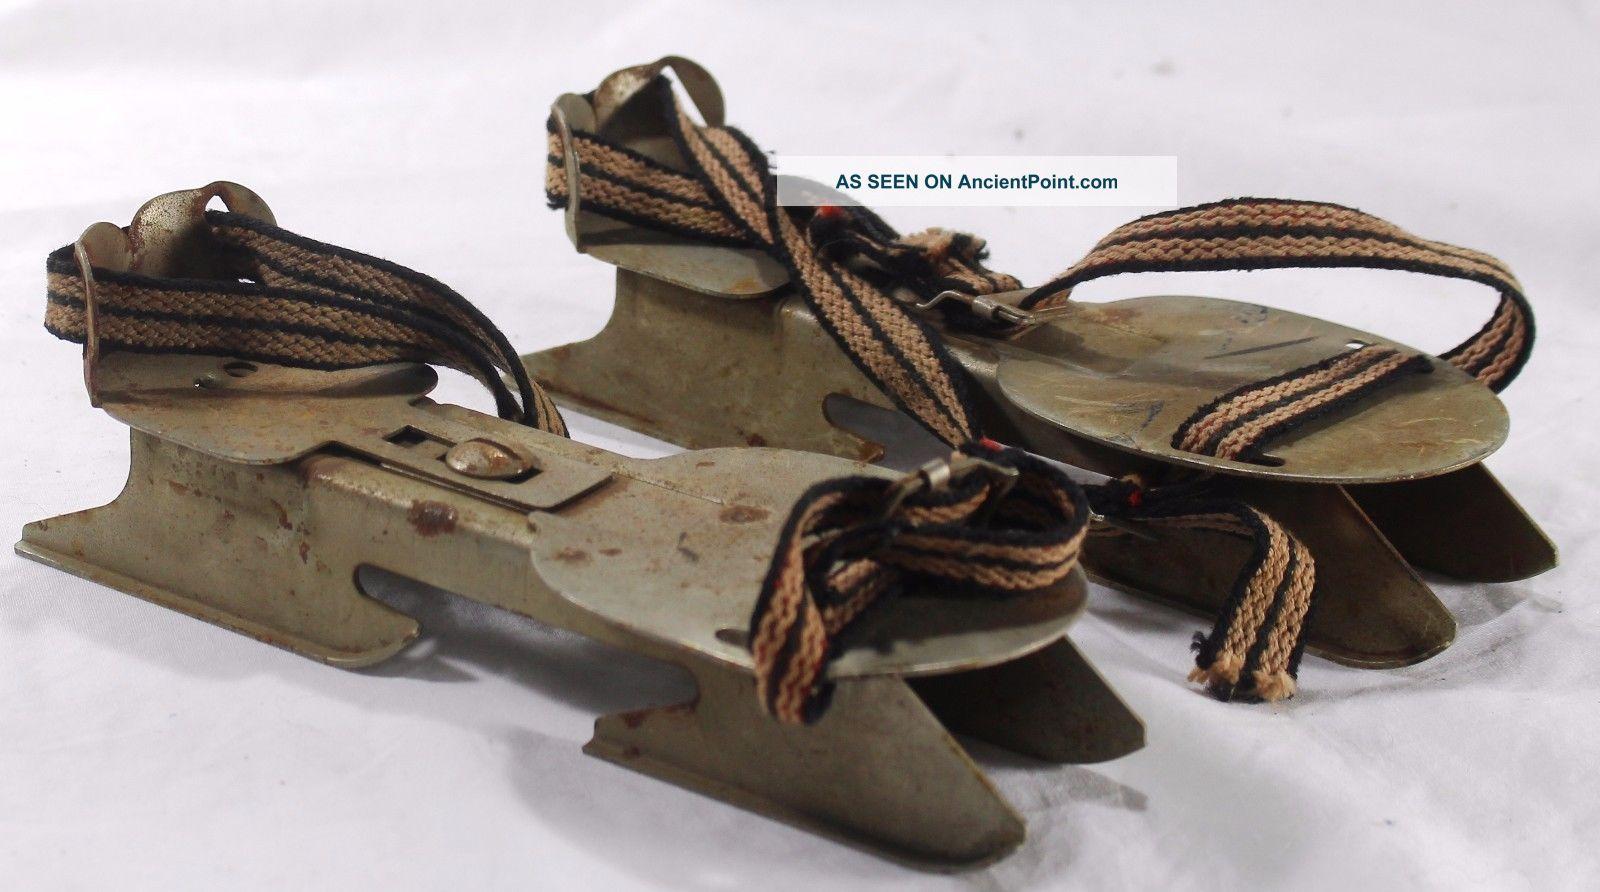 Antique Ice Skates Value Images